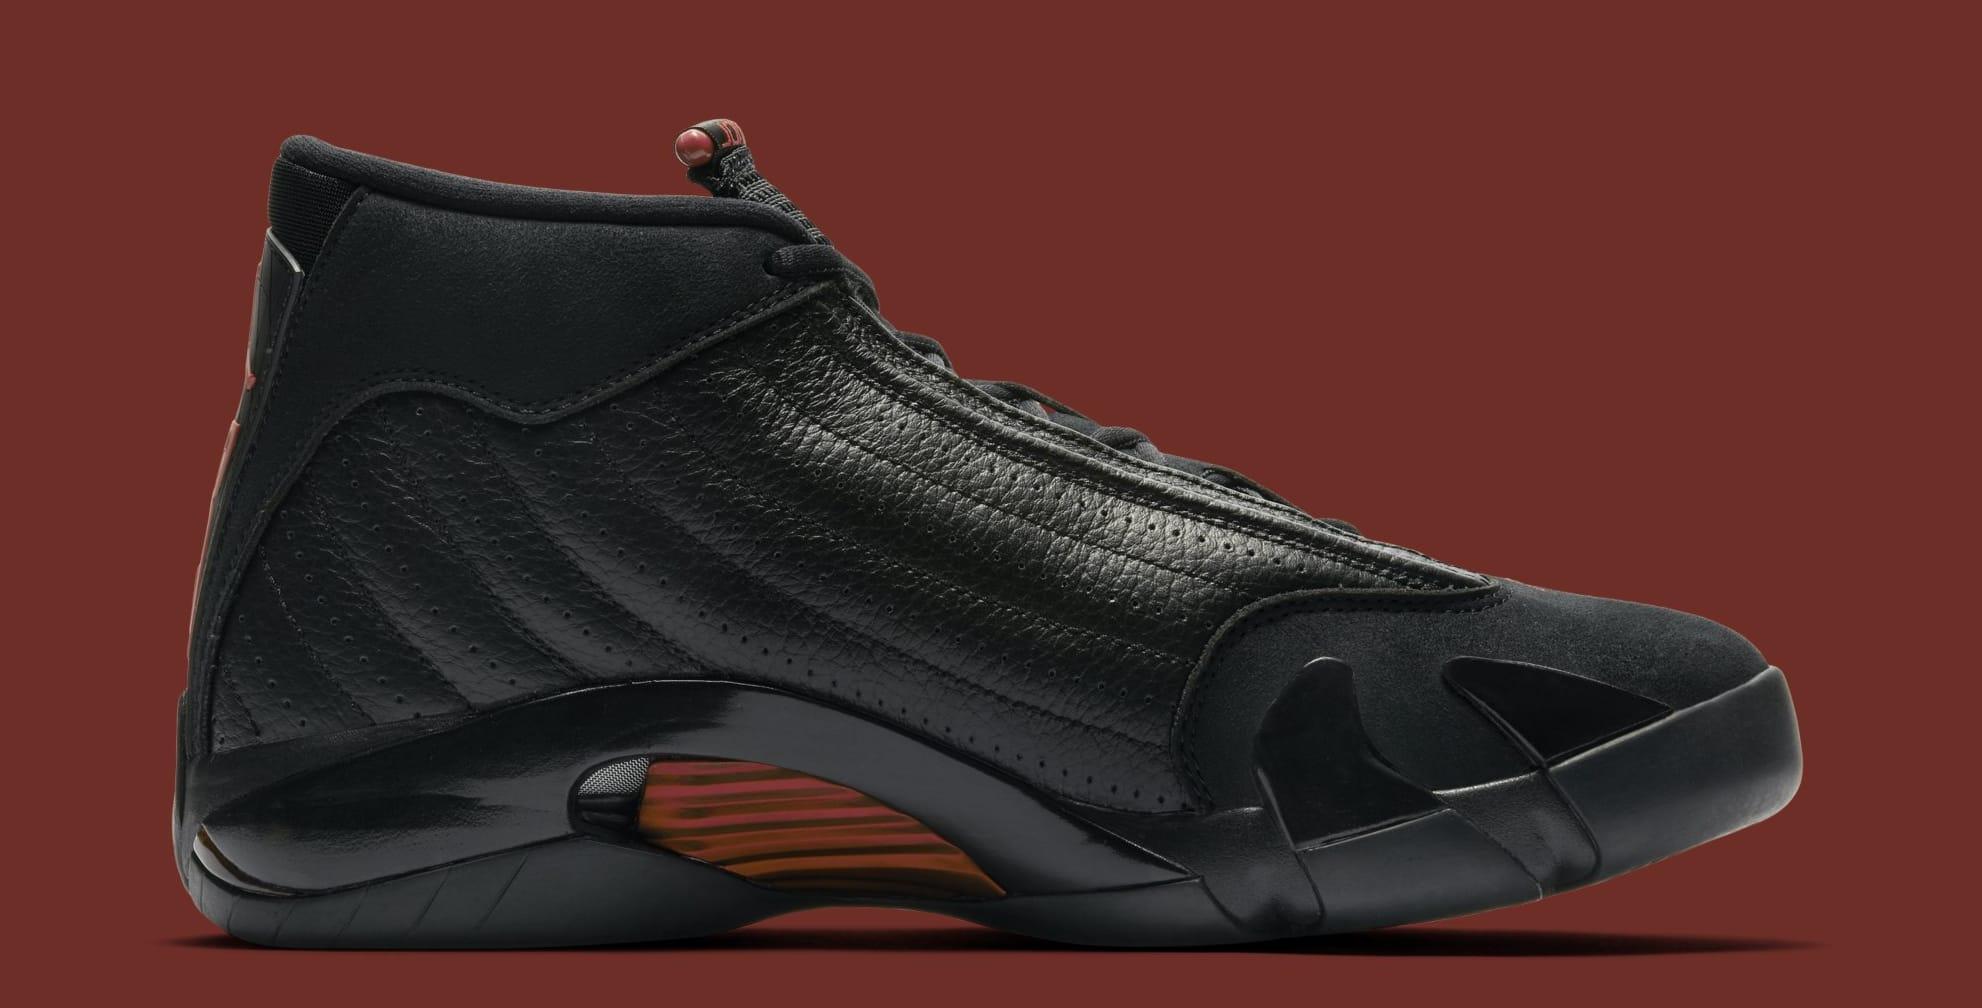 huge discount 125c3 36e89 Image via Nike Air Jordan 14 Retro  Last Shot  487471-003 .